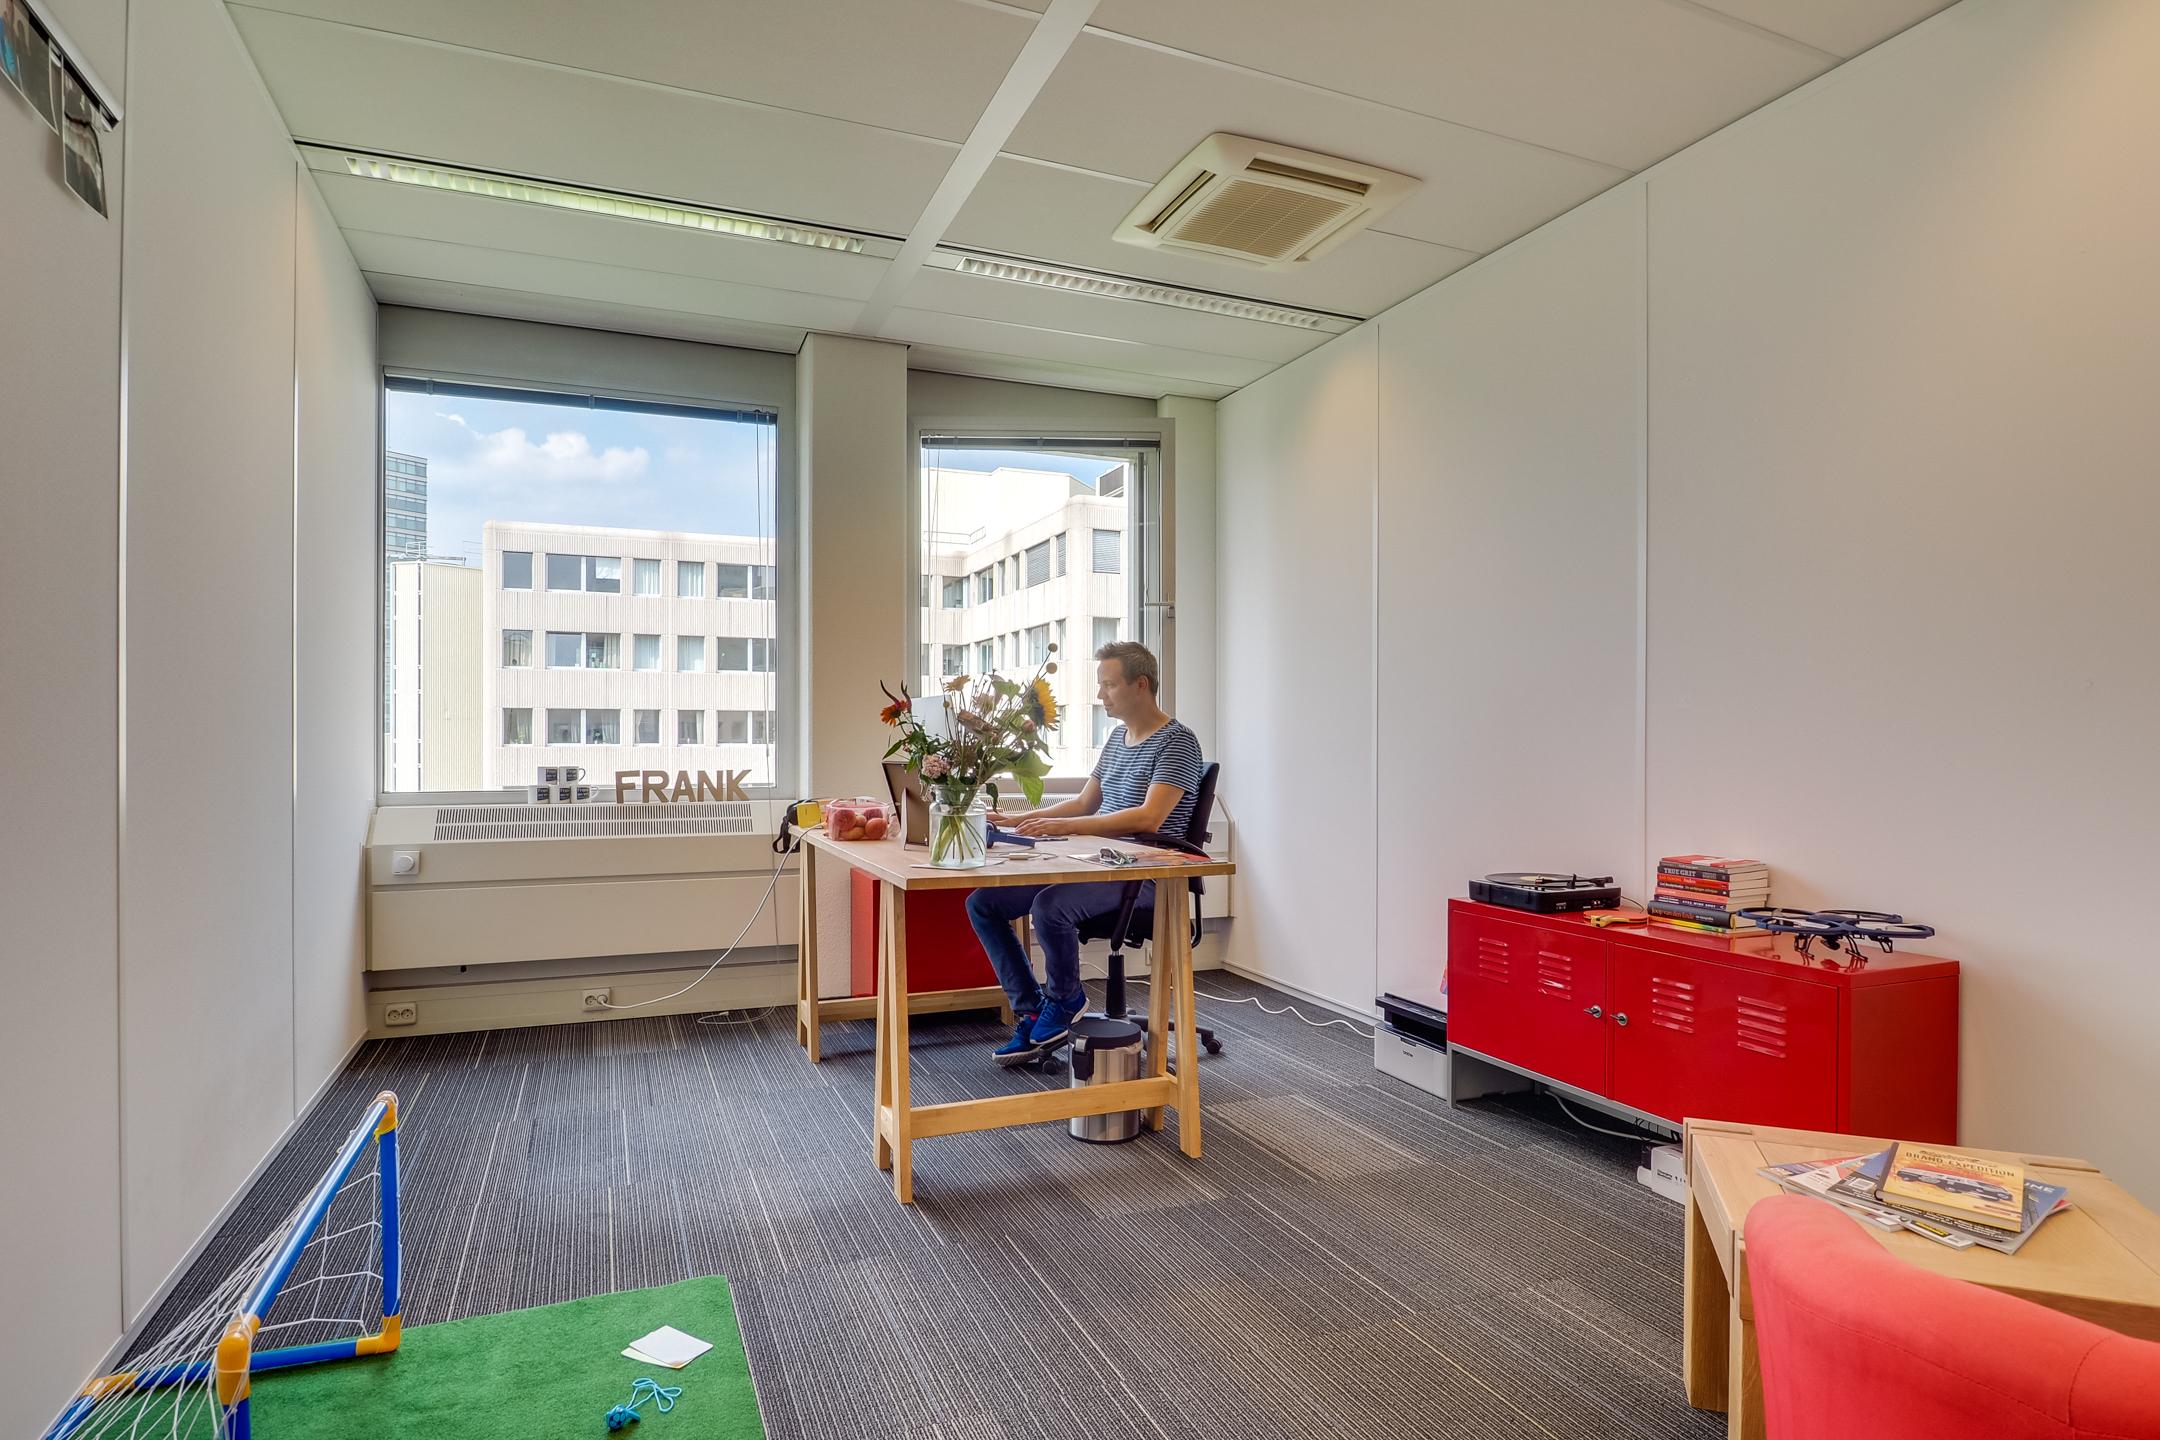 Europalaan 400 kantoorruimte te huur